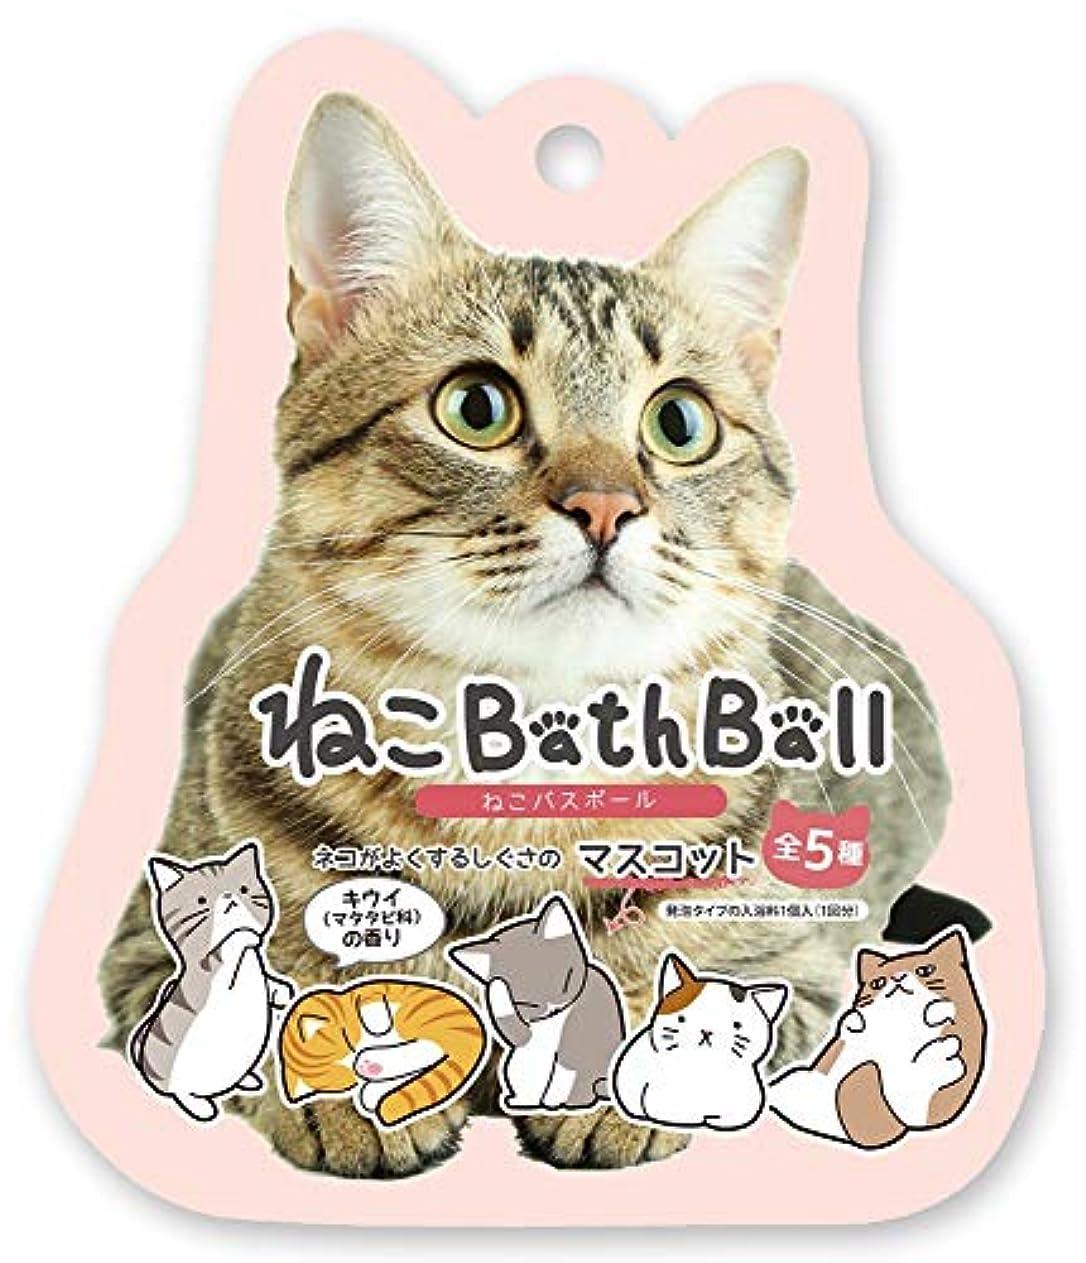 怖いエイリアスブレンドノルコーポレーション 入浴剤 ねこ バスボール おまけ付き キウイの香り OB-NEB-1-1